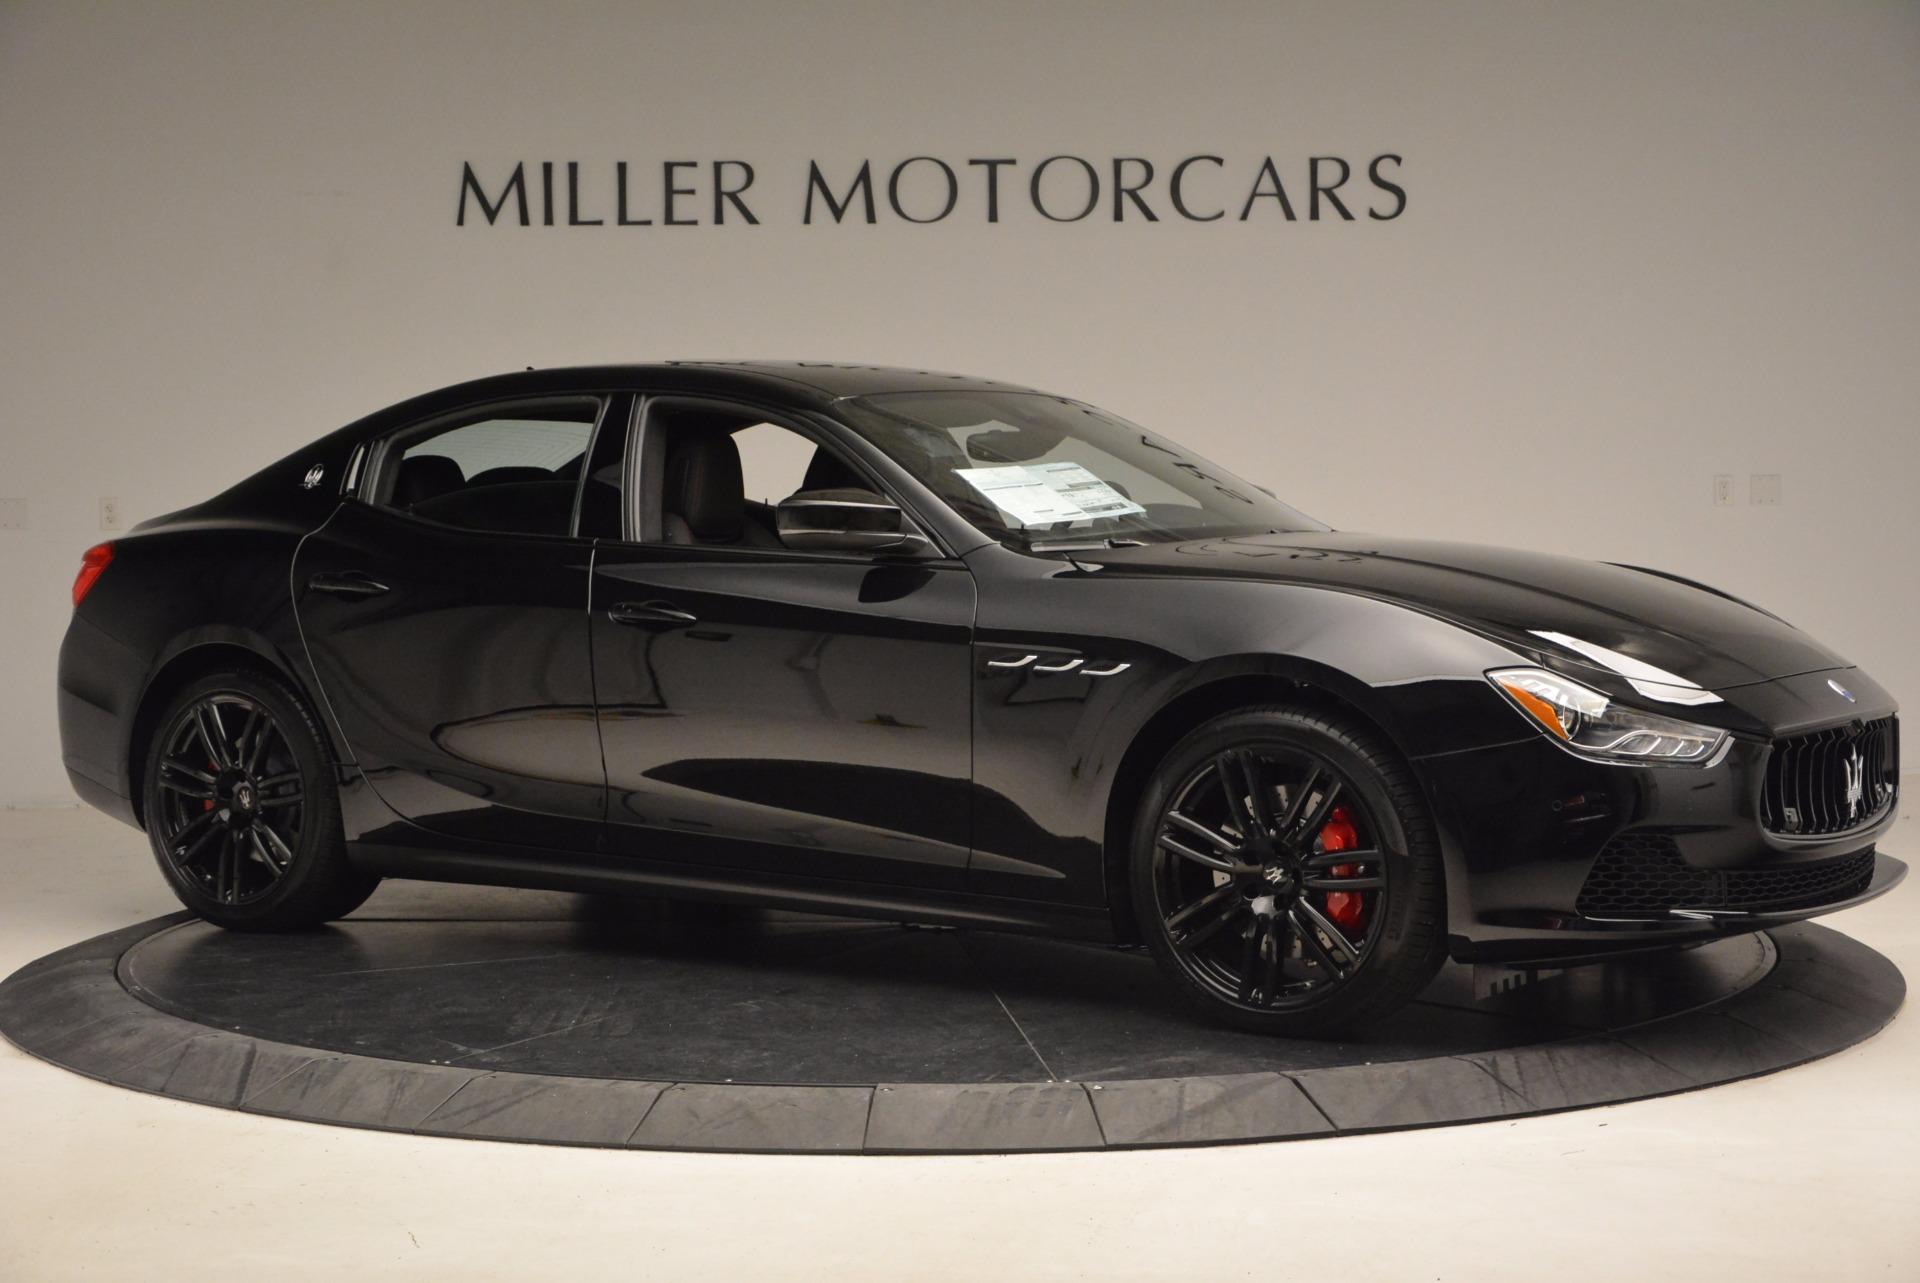 New 2017 Maserati Ghibli S Q4 For Sale In Greenwich, CT 1460_p10